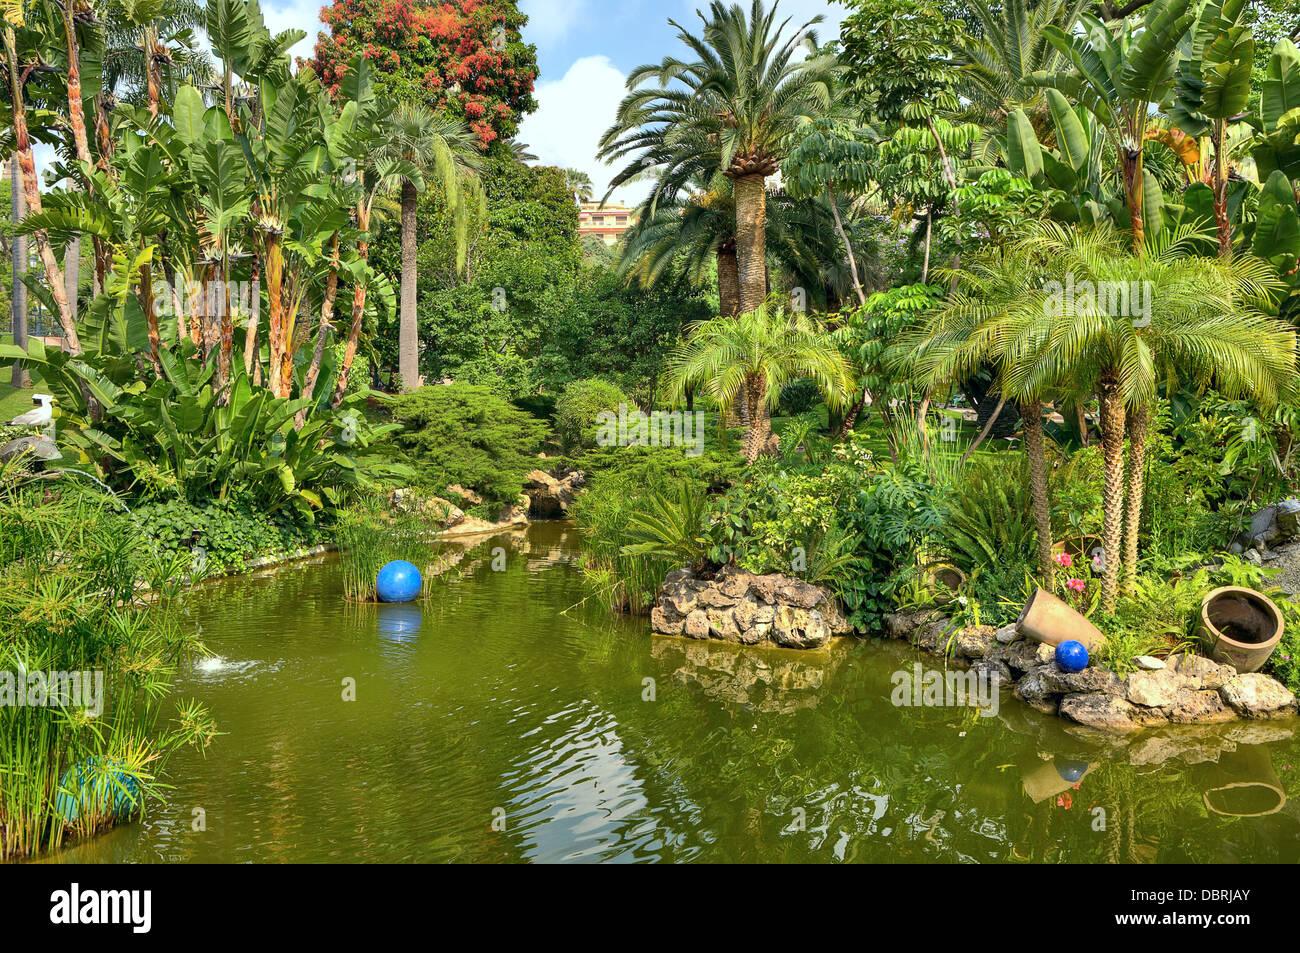 Laghetto tra alberi e palme presso il centro urbano di parco tropicale in Monte Carlo, Monaco. Immagini Stock